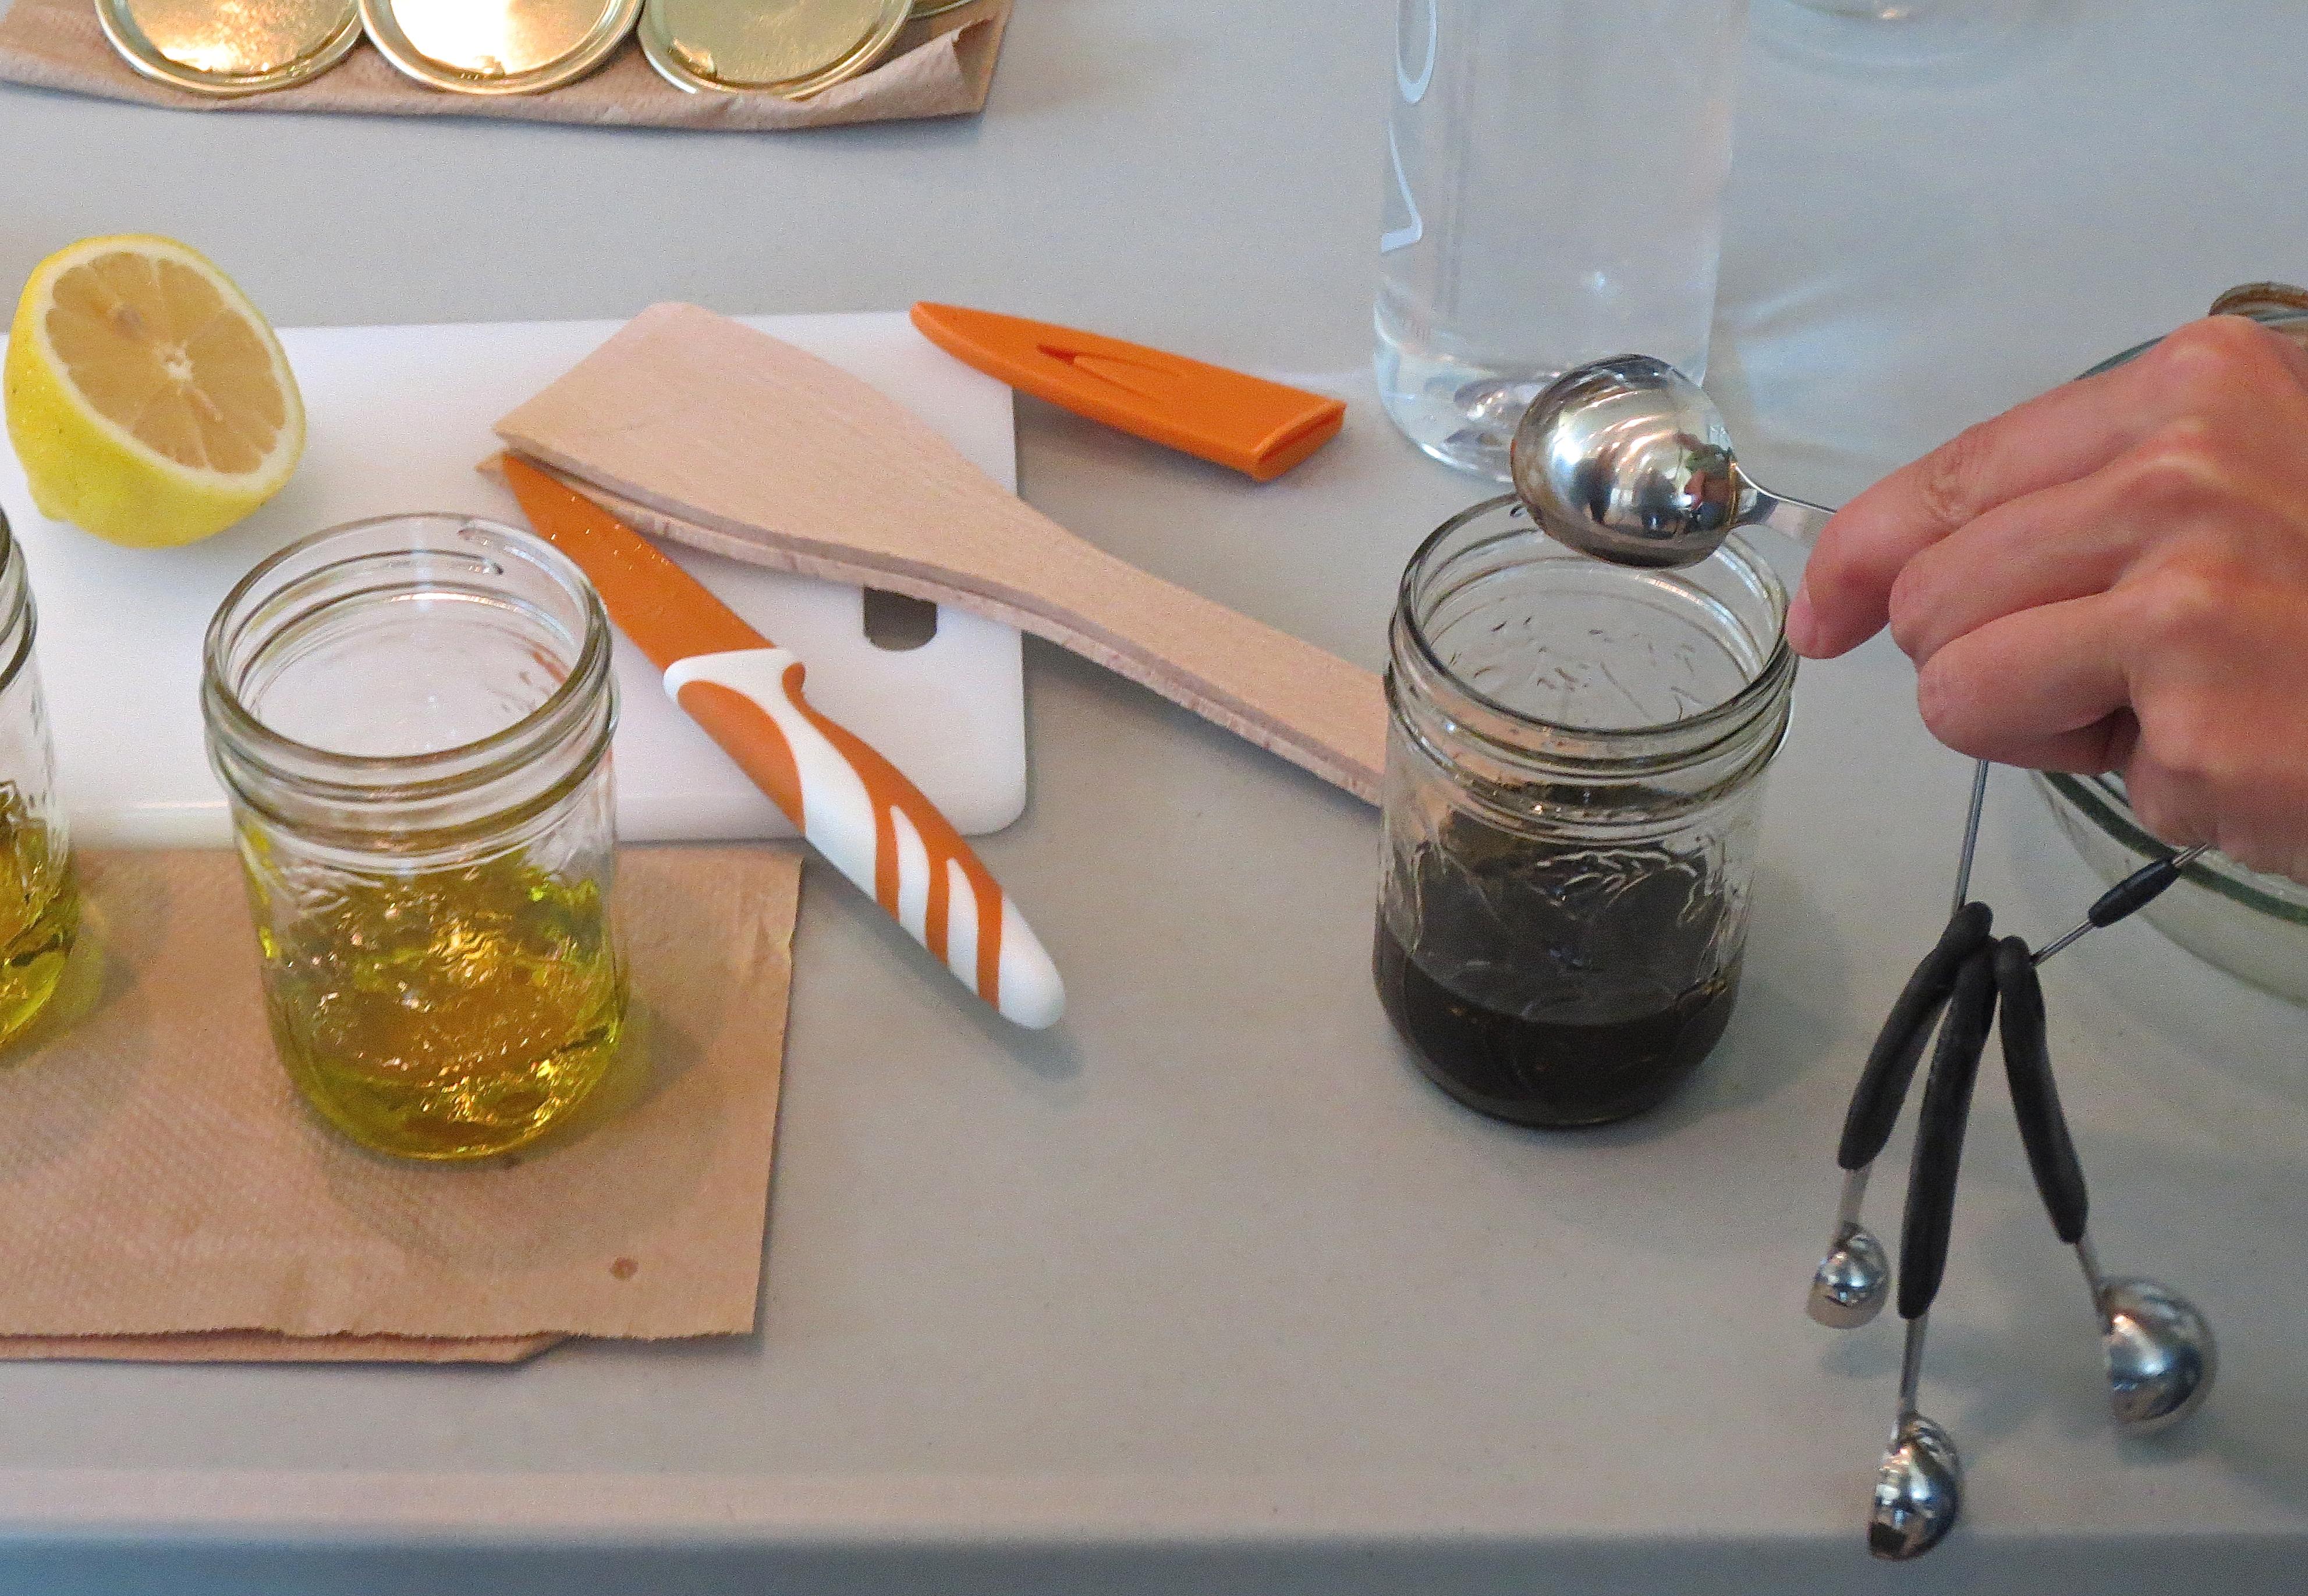 how to make basic oil and vinegar dressing